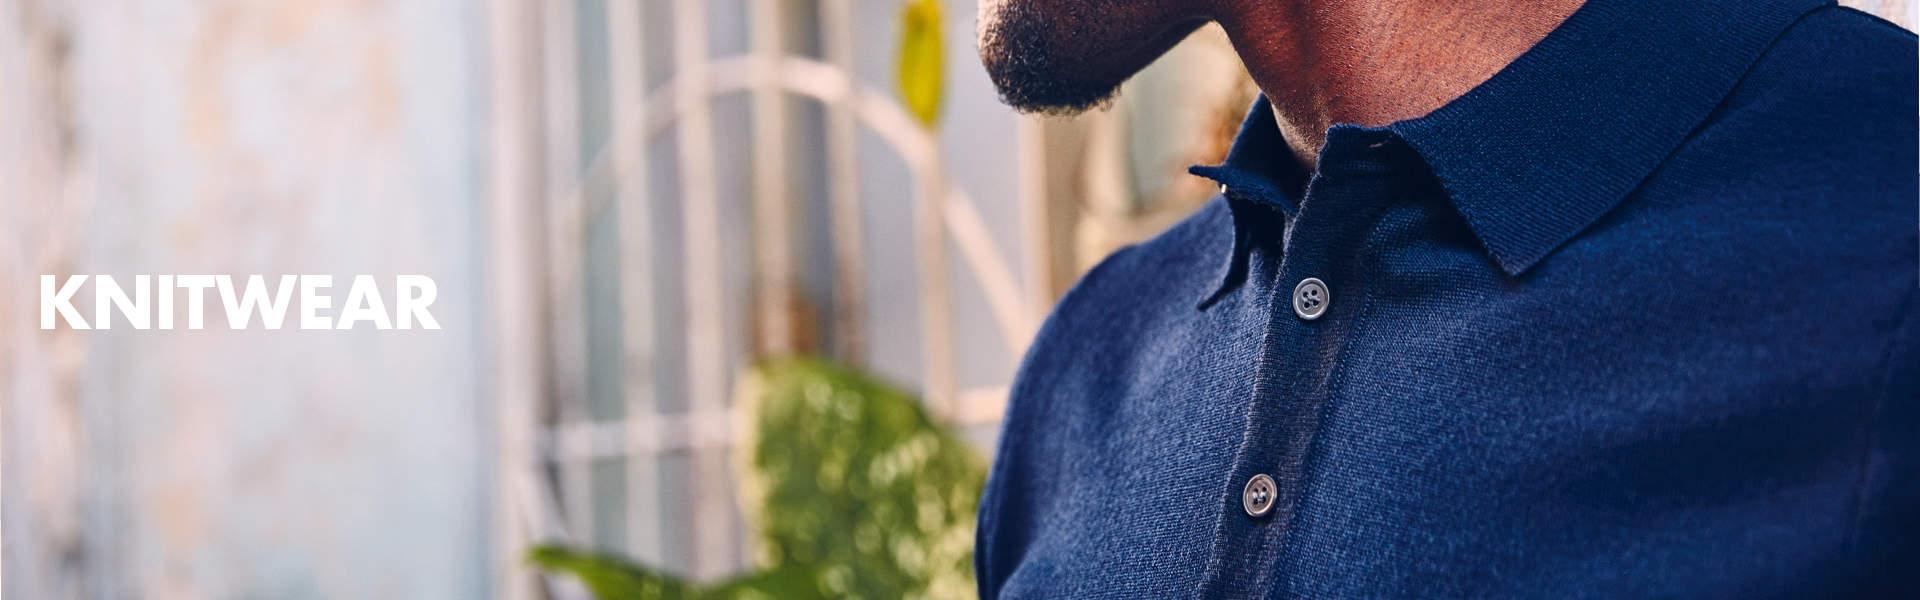 Knitwear slide 1